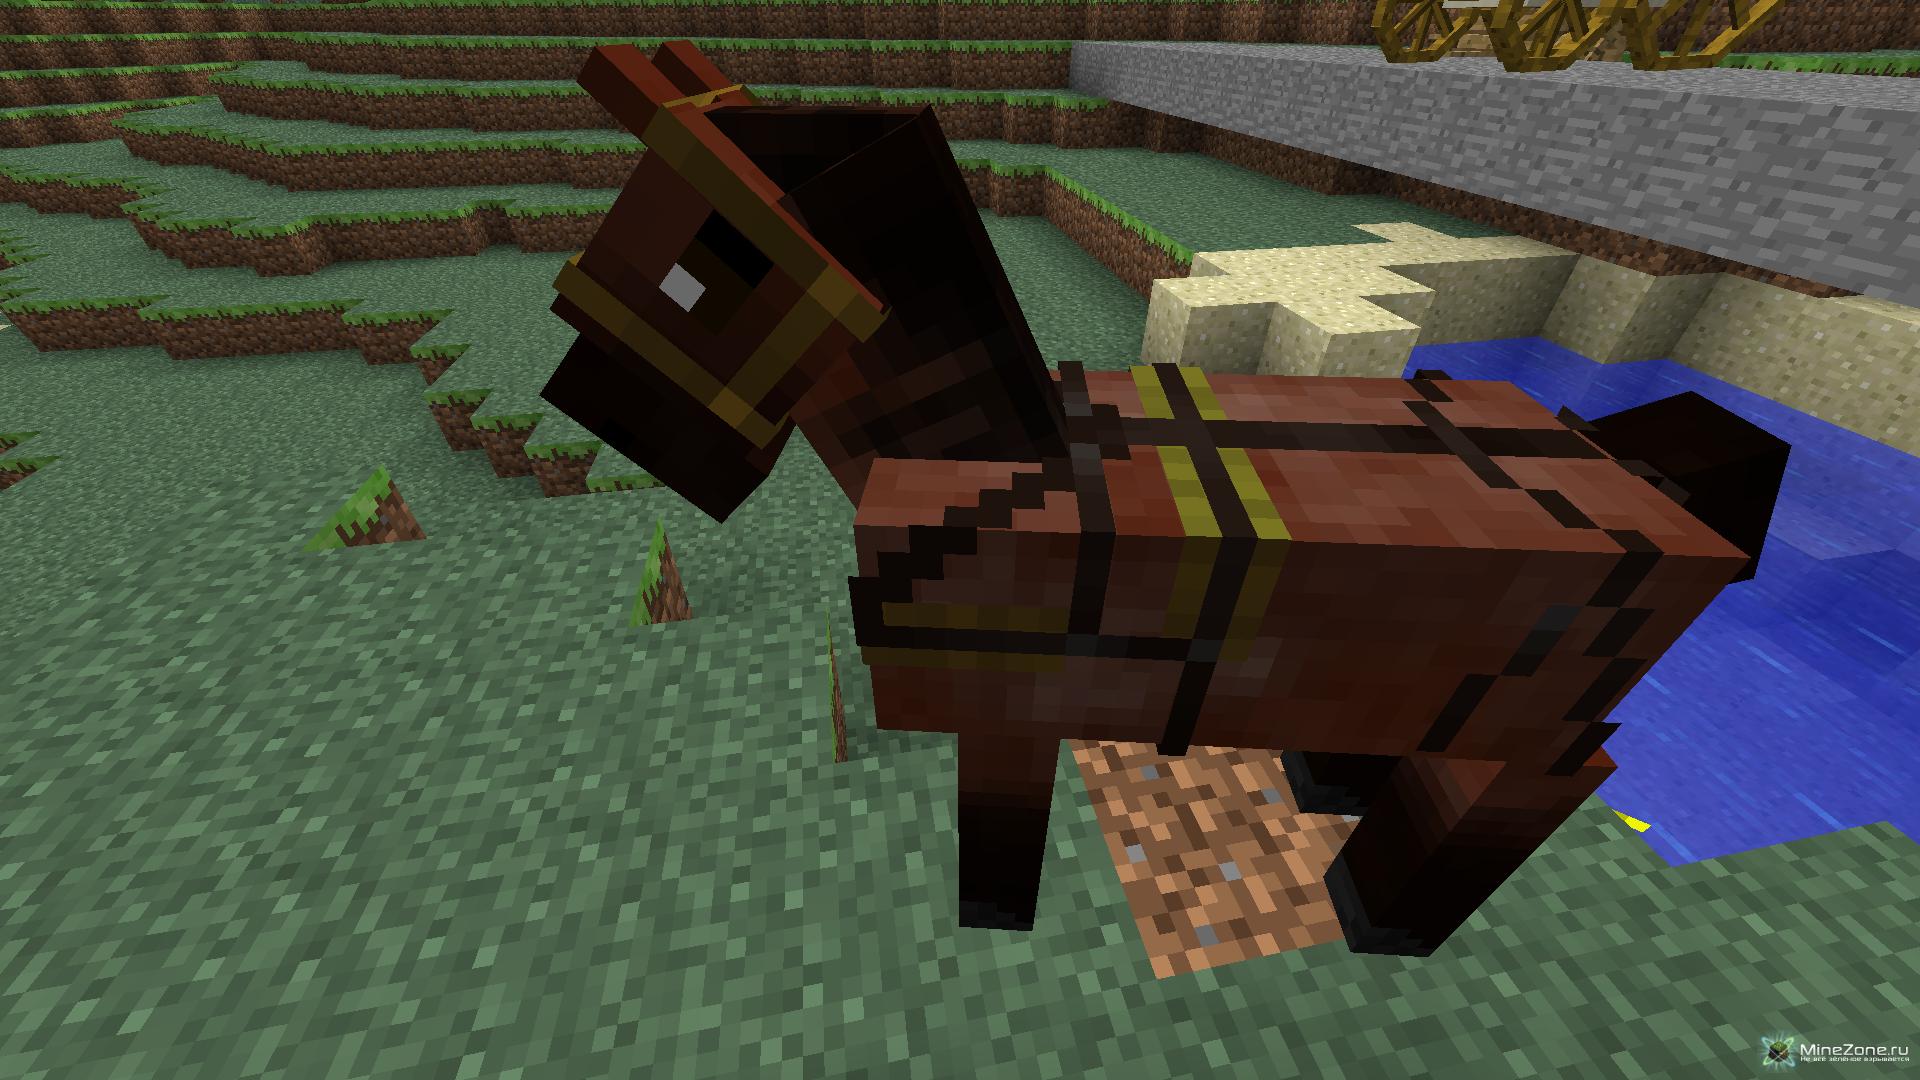 Как найти седло на лошадь в майнкрафте креатив